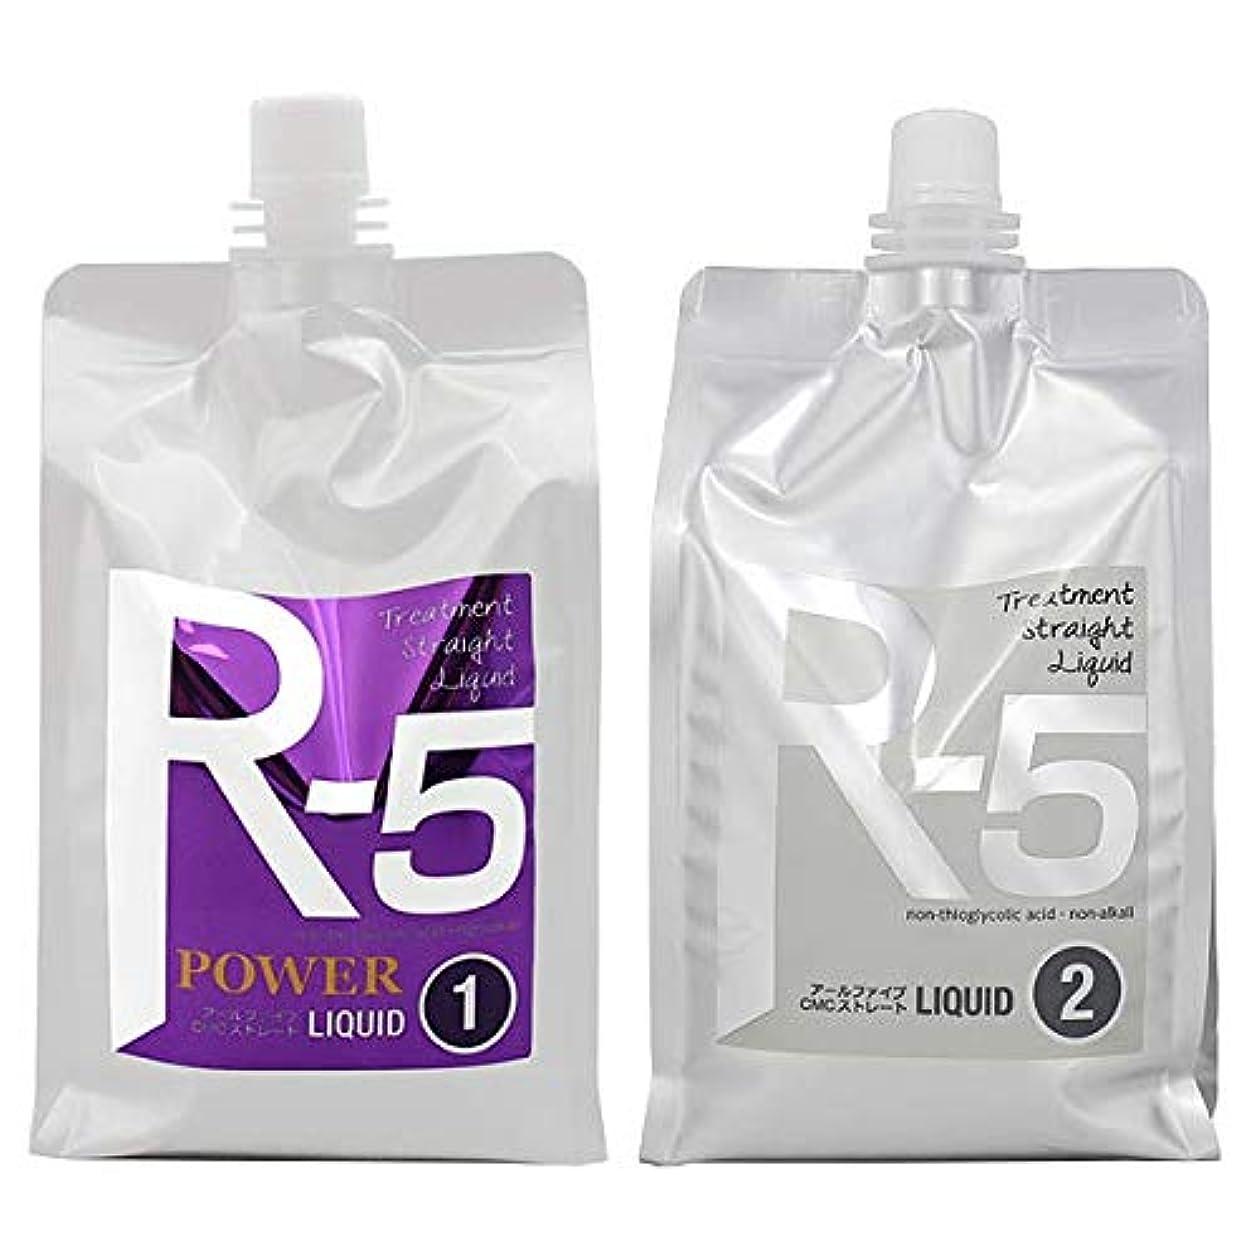 排泄する注入するつかまえるCMCトリートメントストレート R-5 パープル(パワー) ストレート剤